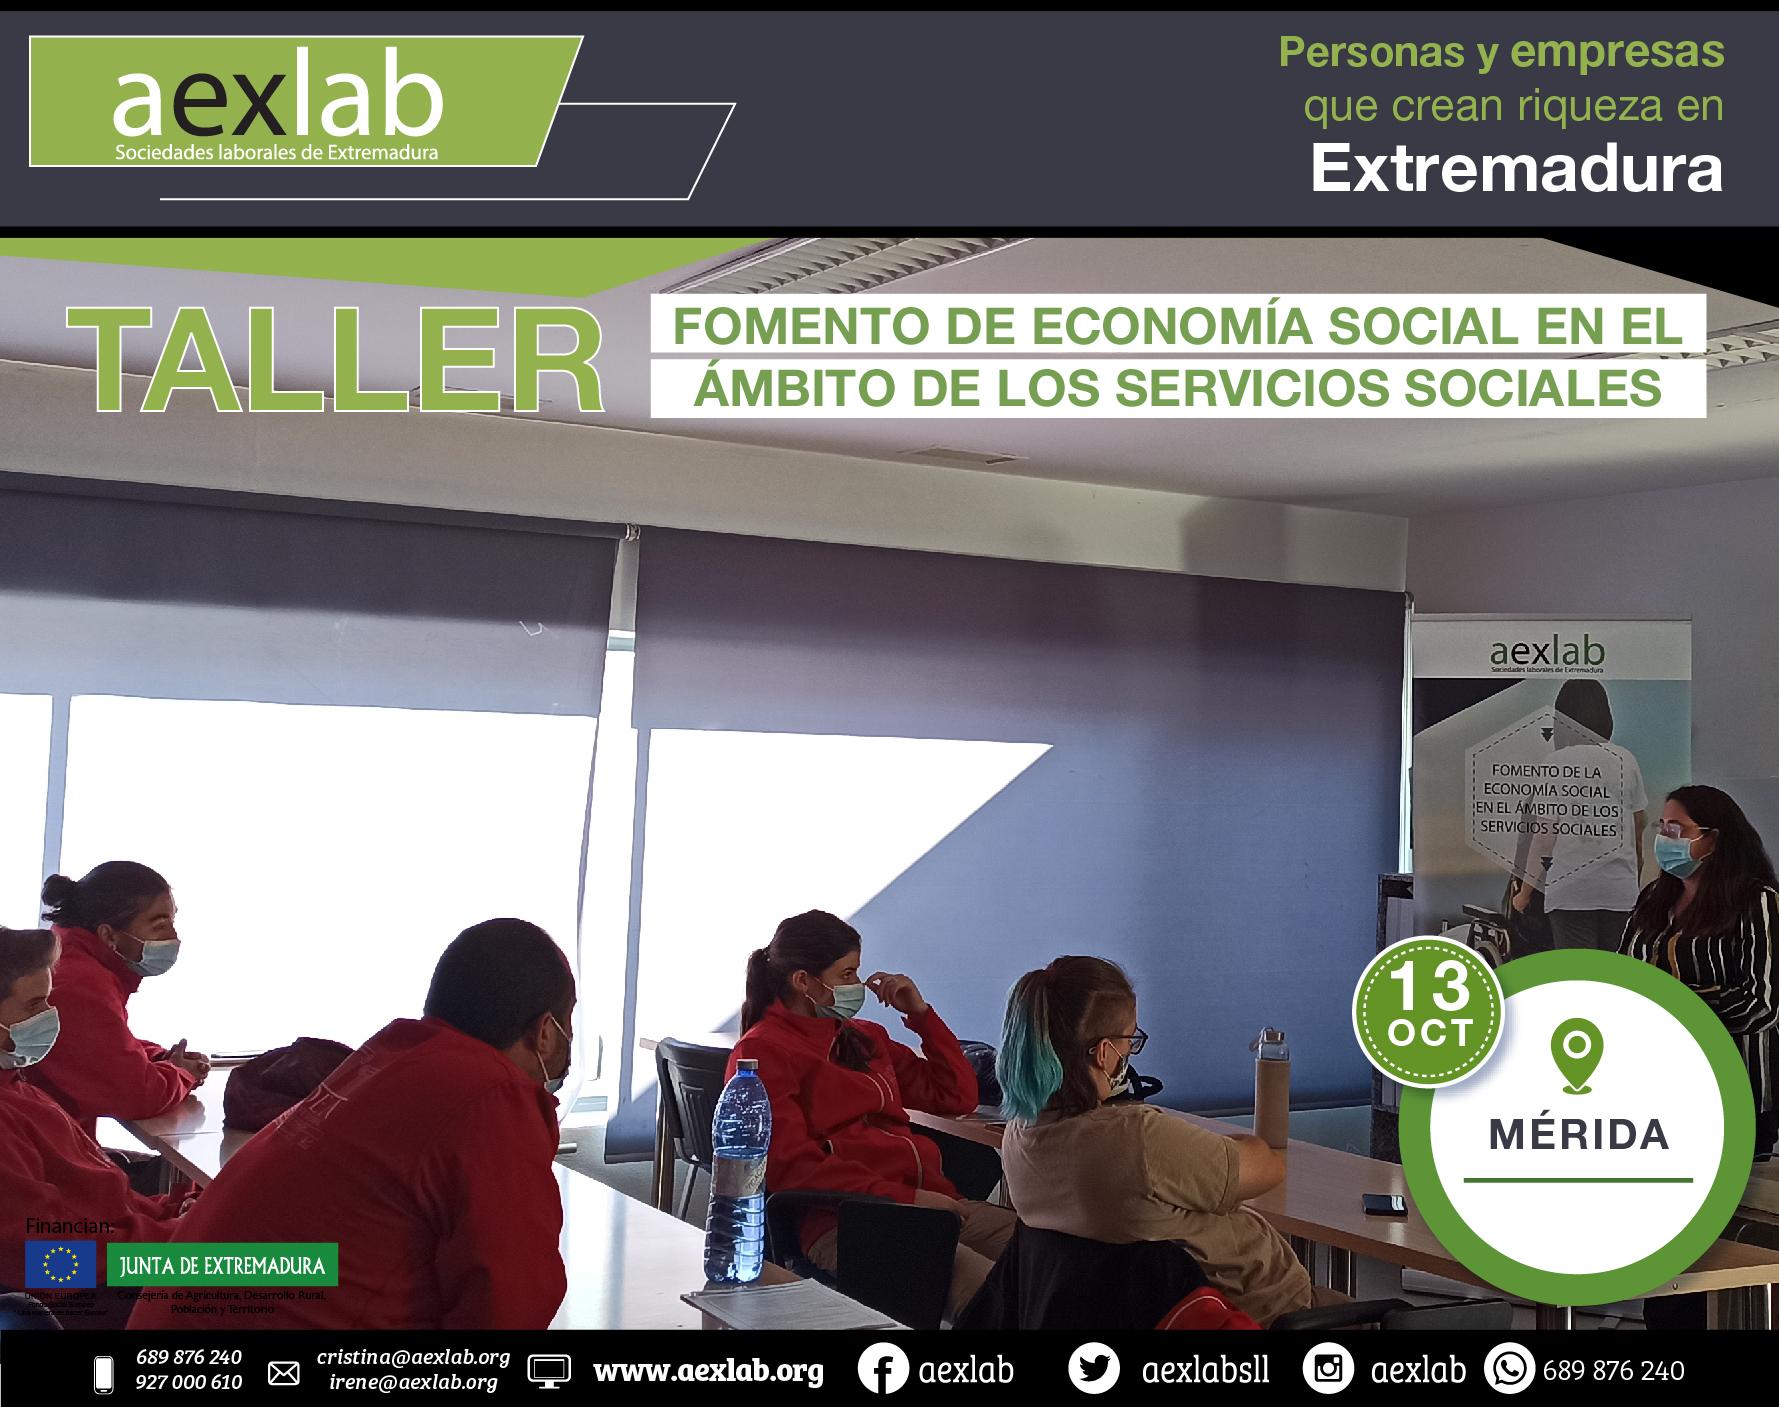 alumnos taller ambito social merida 13 oct aexlab-03